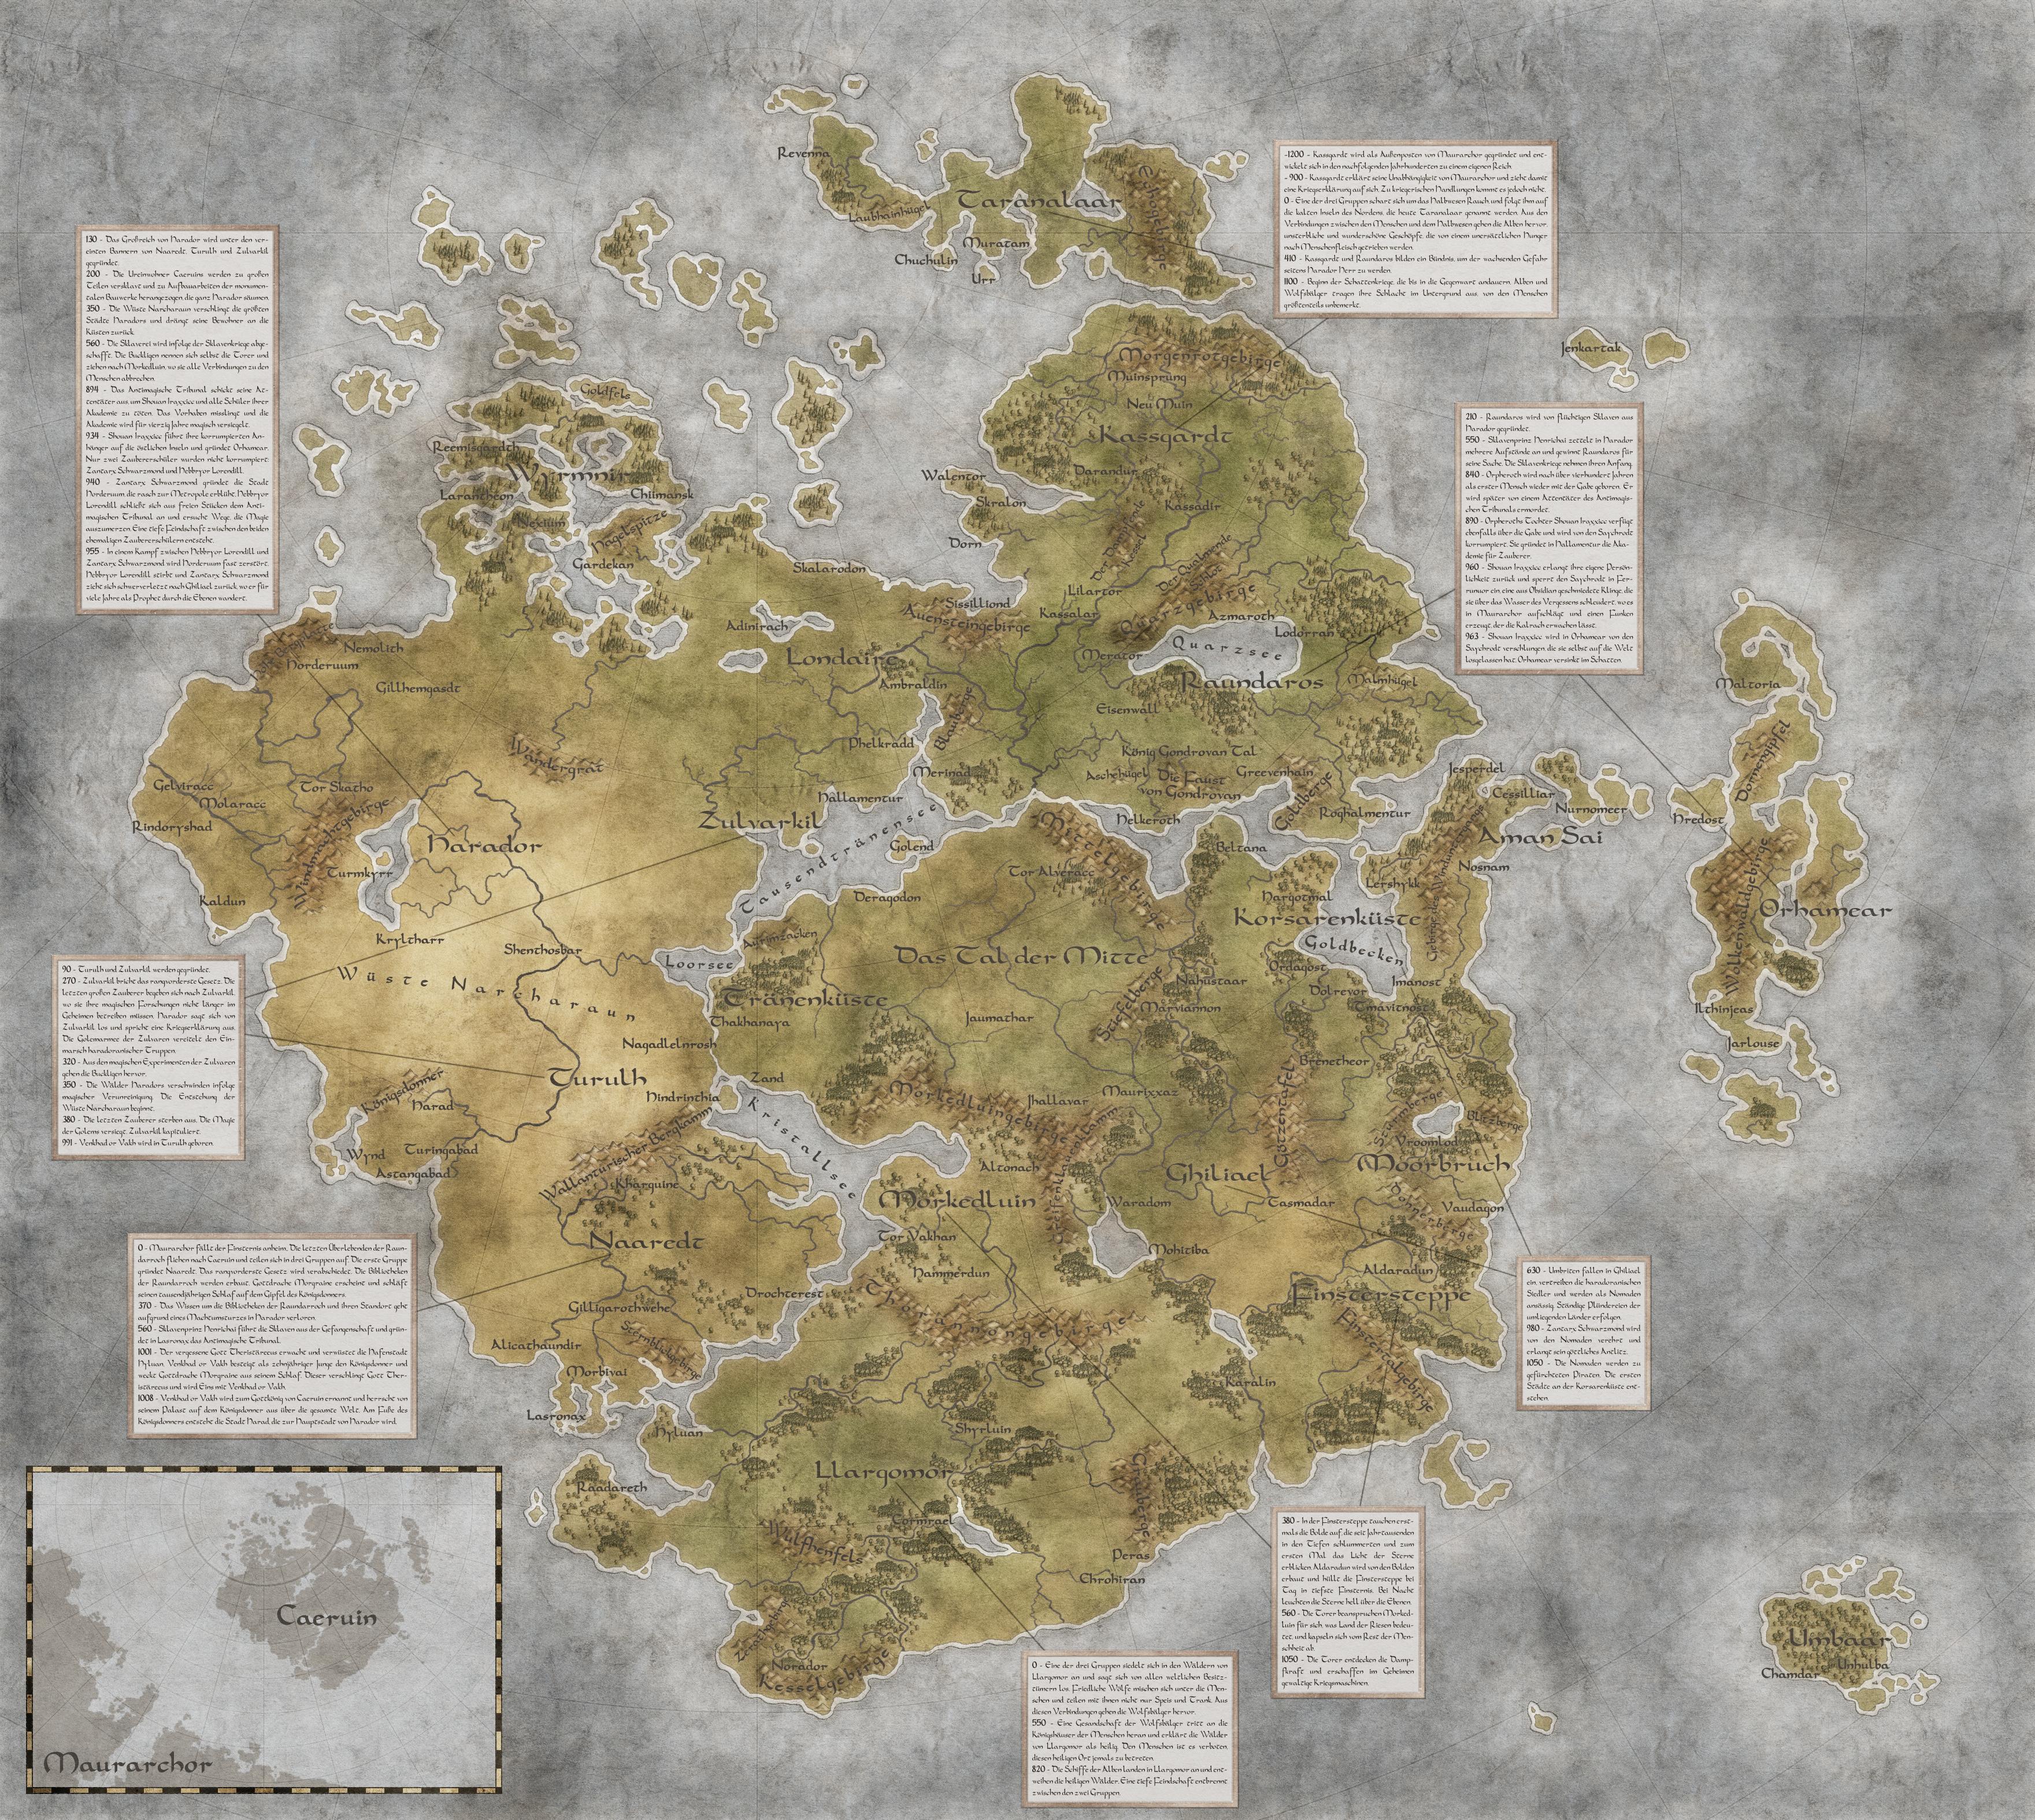 Worldmap of Caeruin 2 by Quabbe